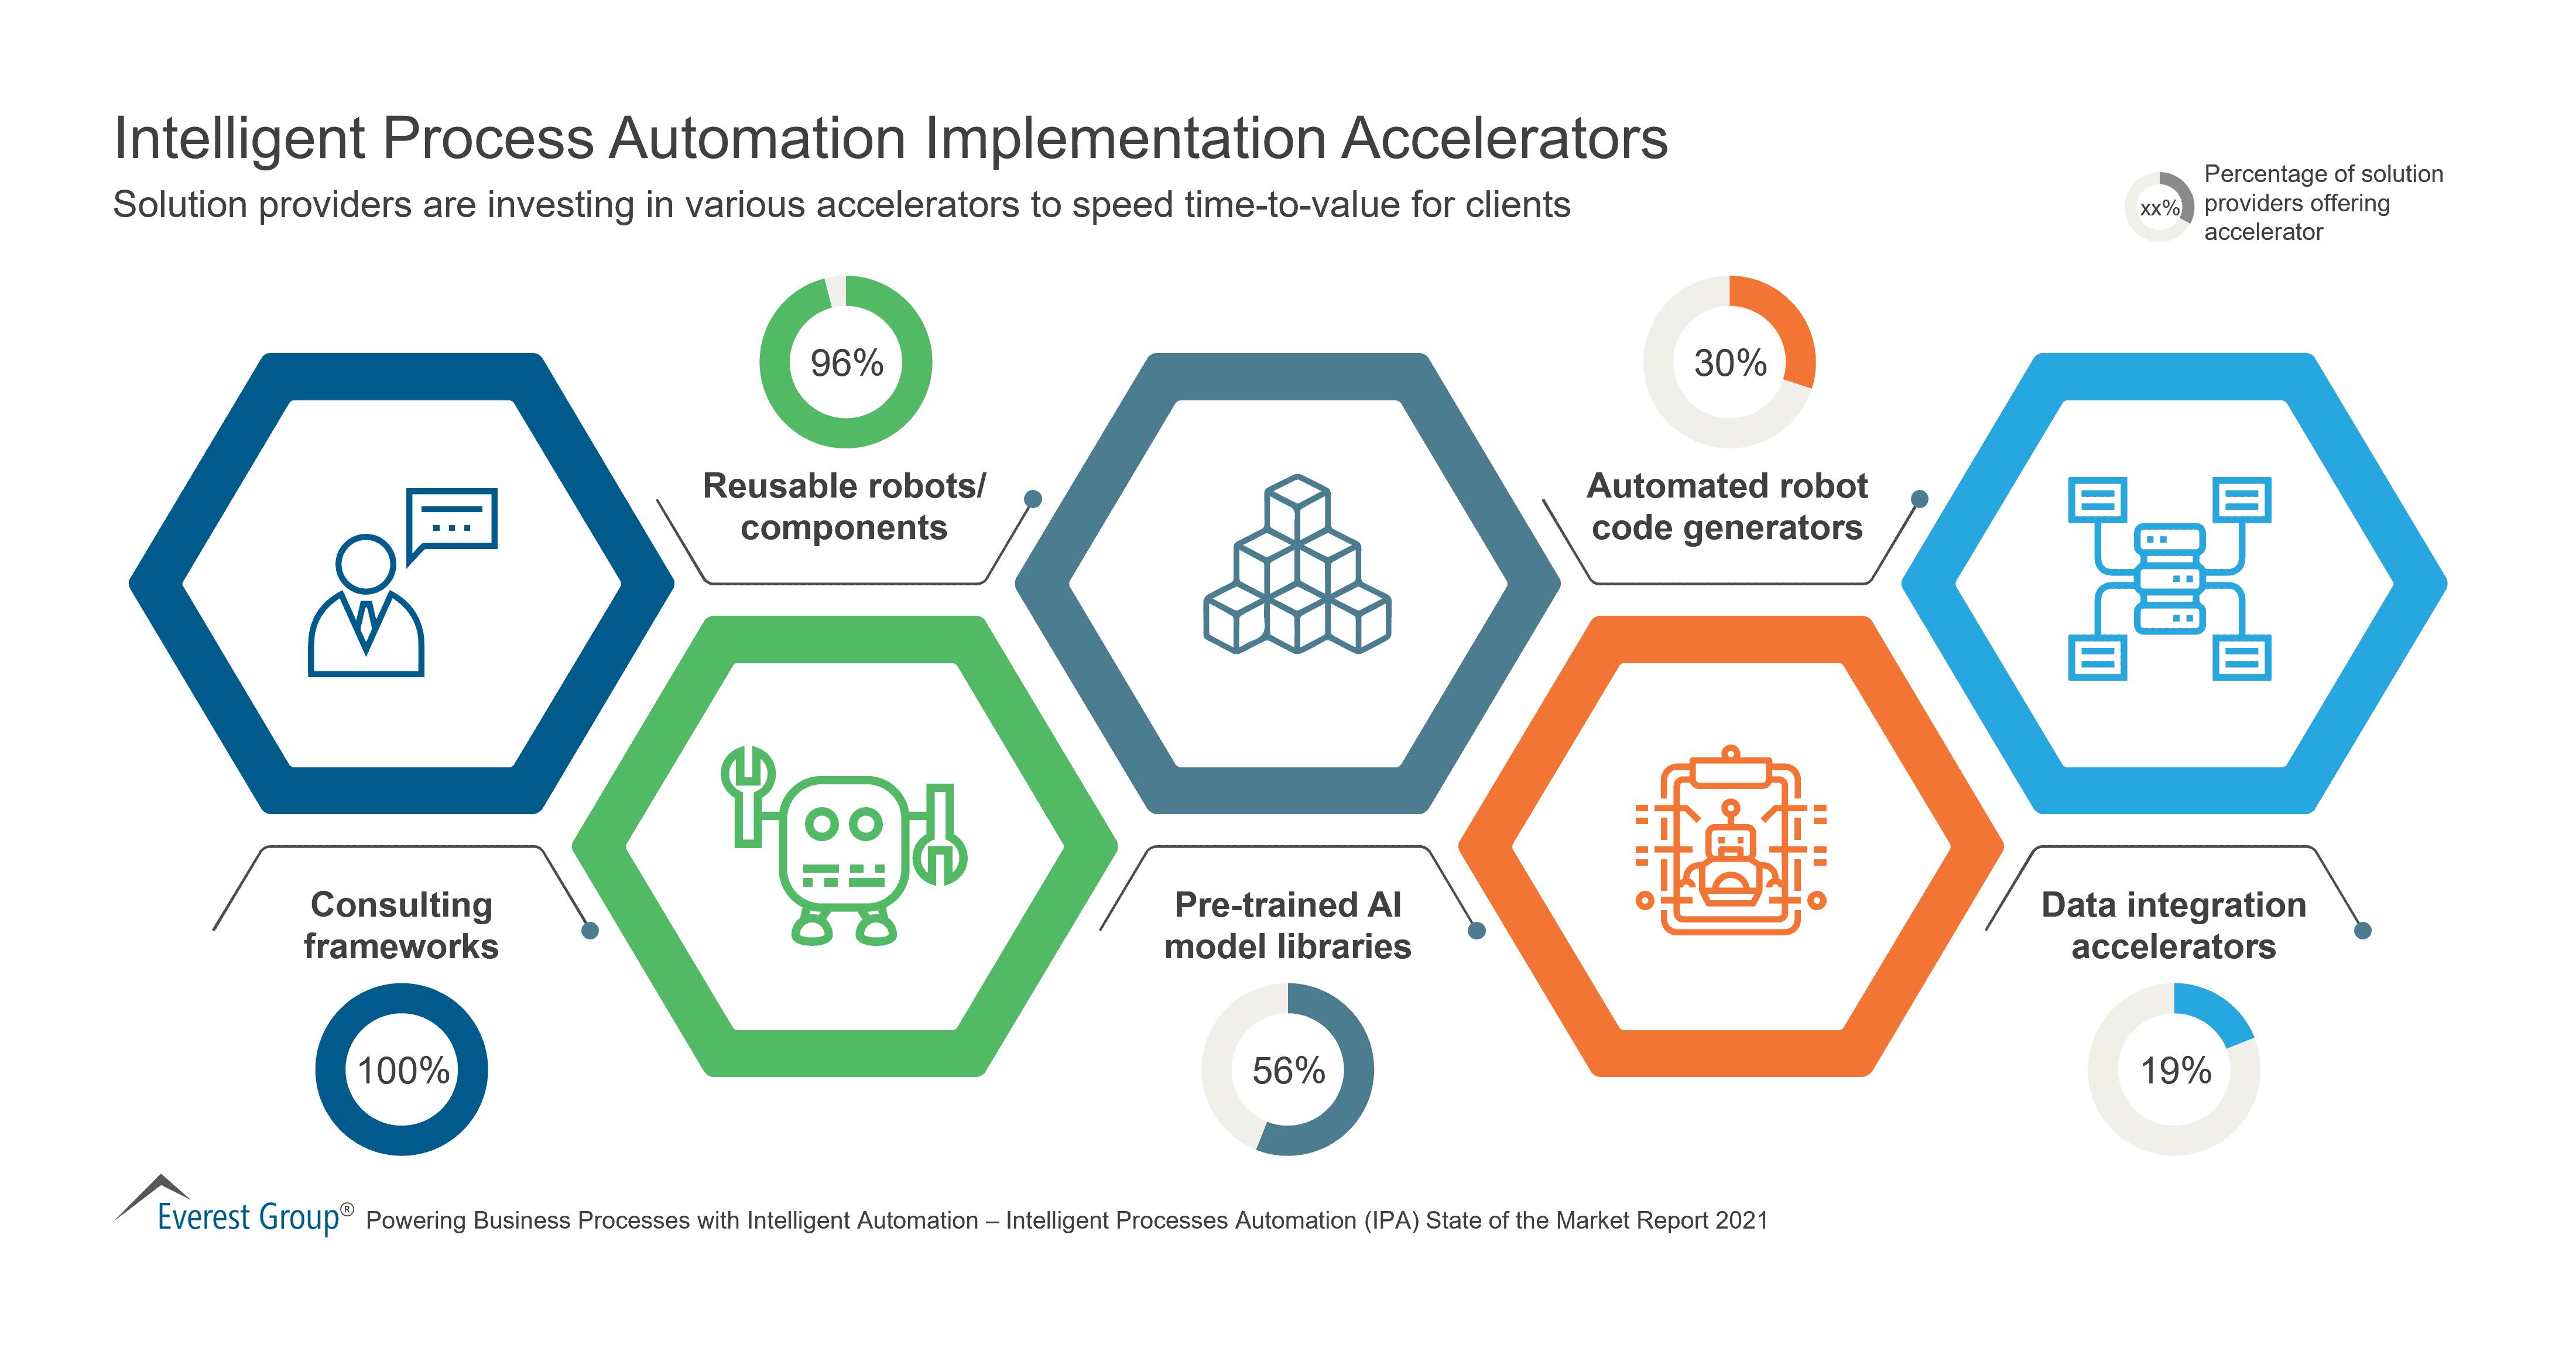 Intelligent Process Automation Implementation Accelerators